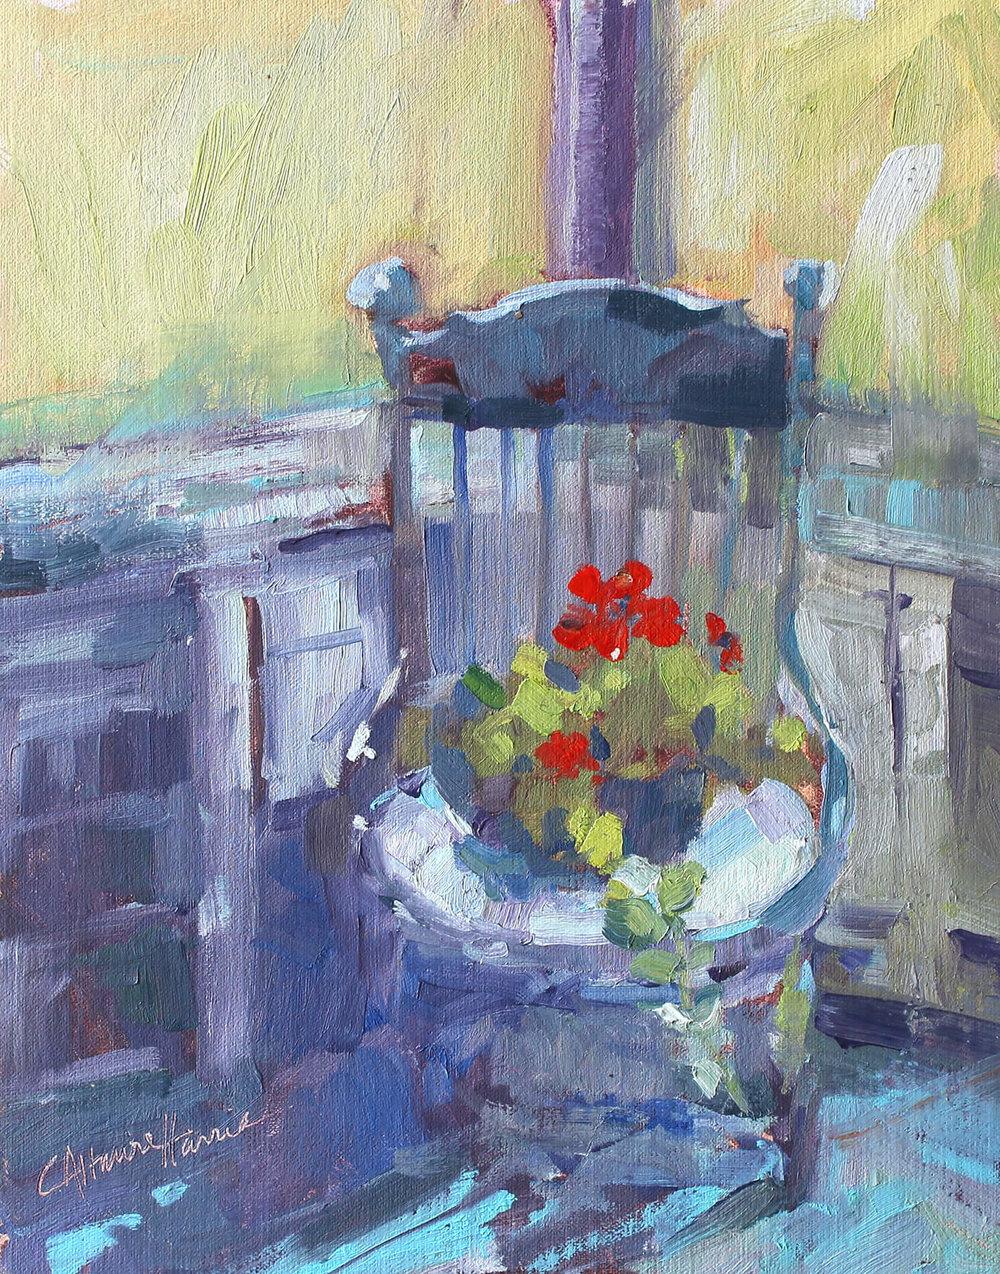 Janie's Chair*